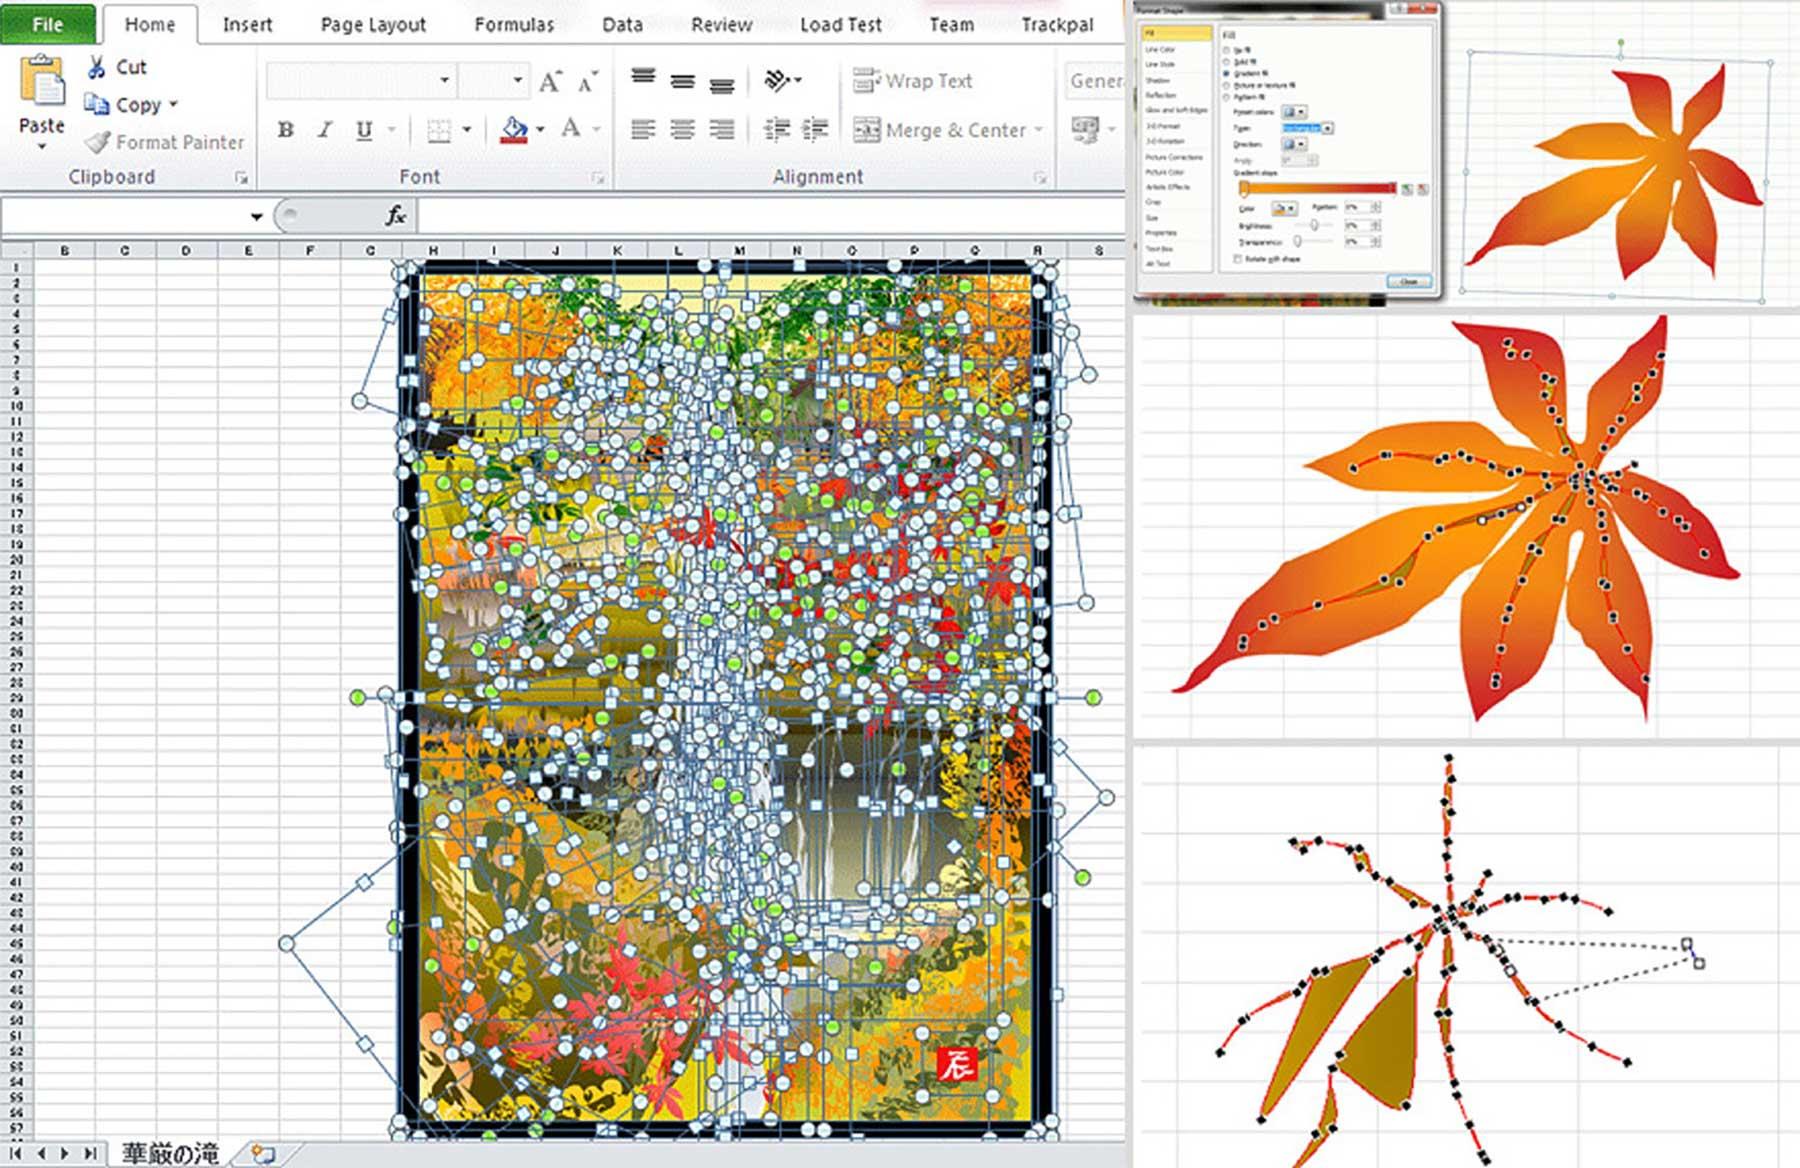 80-jähriger Tatsuo Horiuchi malt Bilder in Excel Tatsuo-Horiuchi-malen-in-excel_02